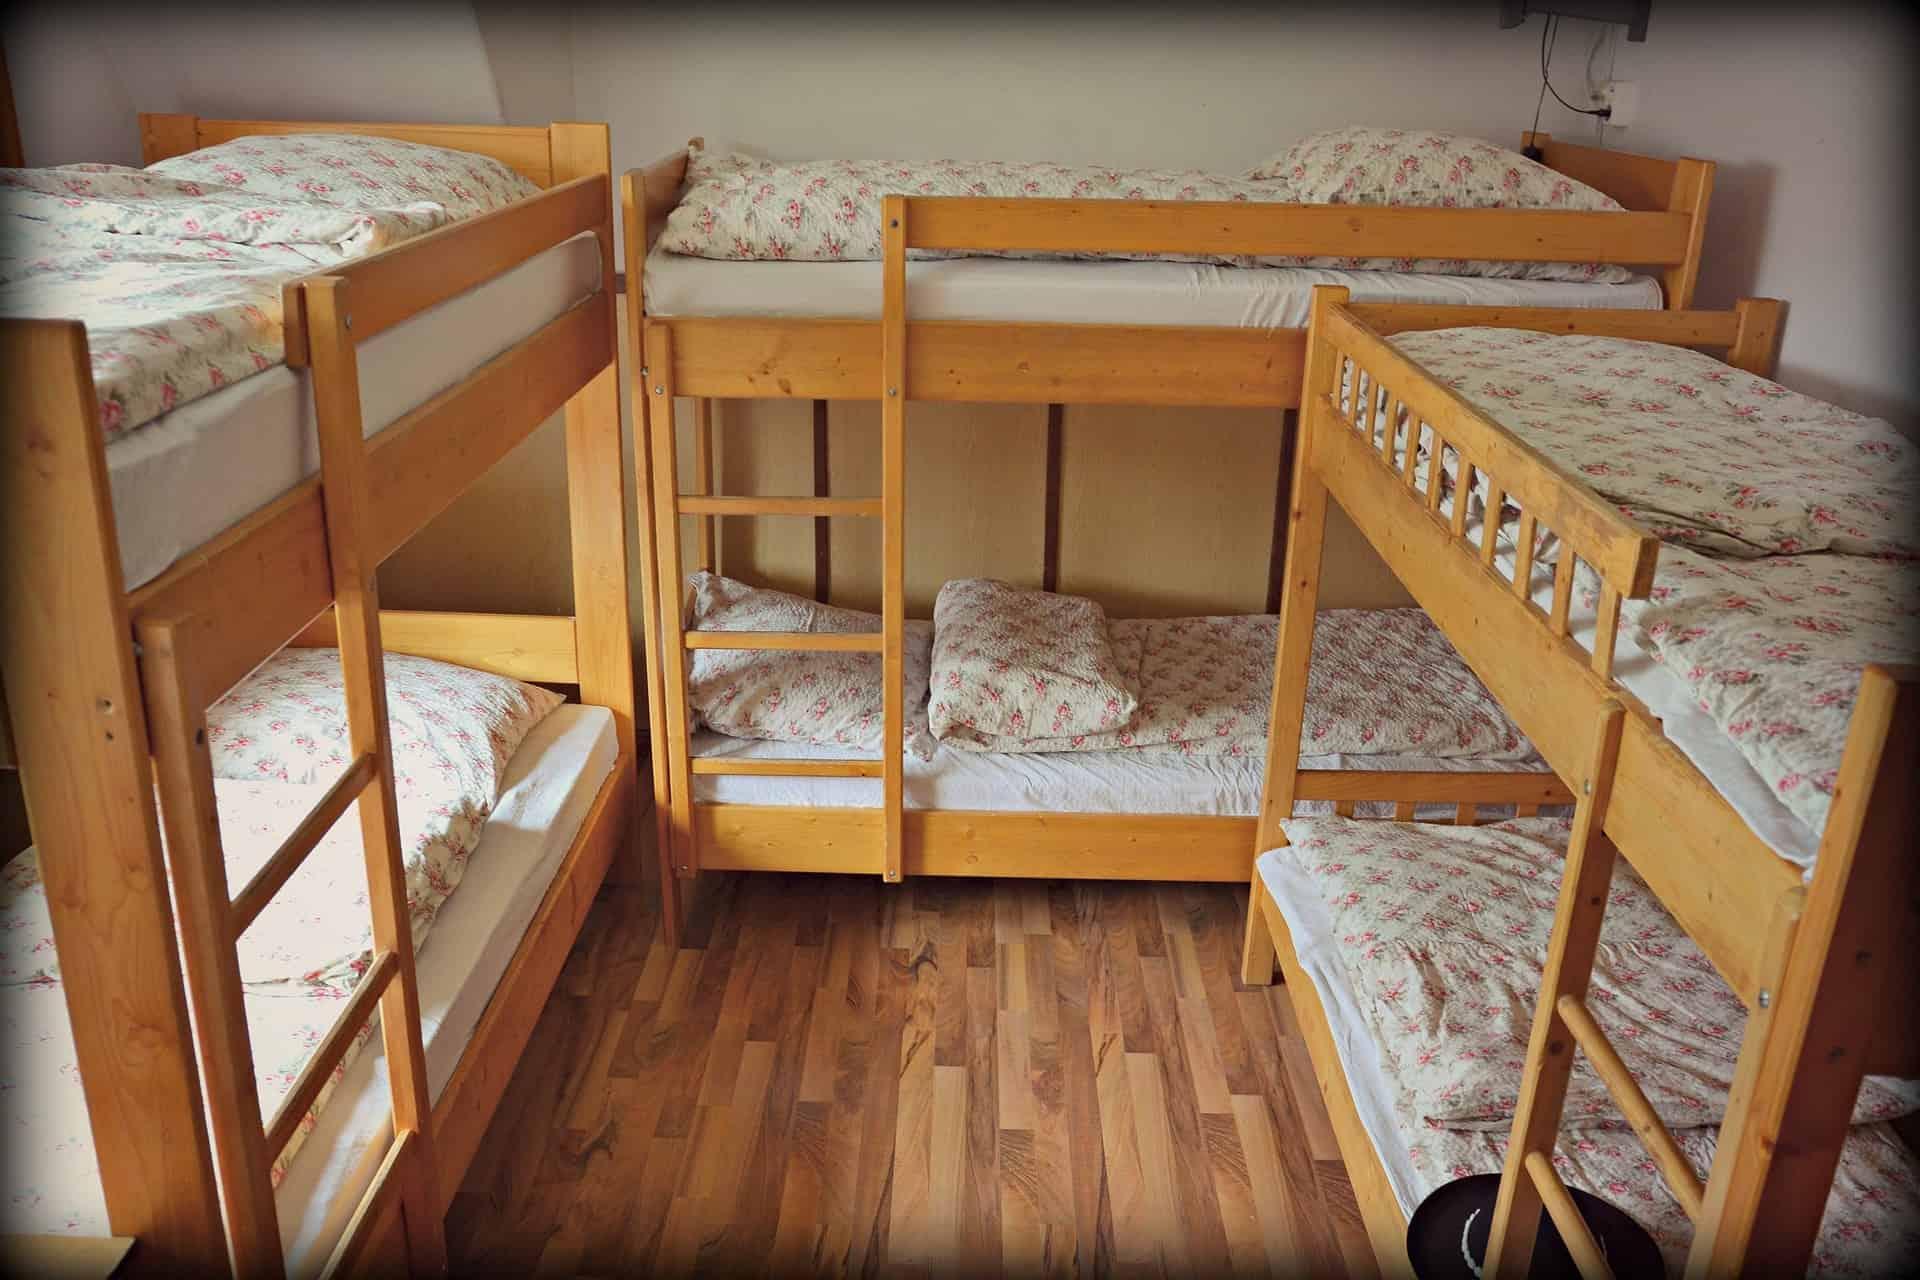 Foto de três beliches juntas em um cômodo, feitas de madeira clara, com roupa de cama floral.